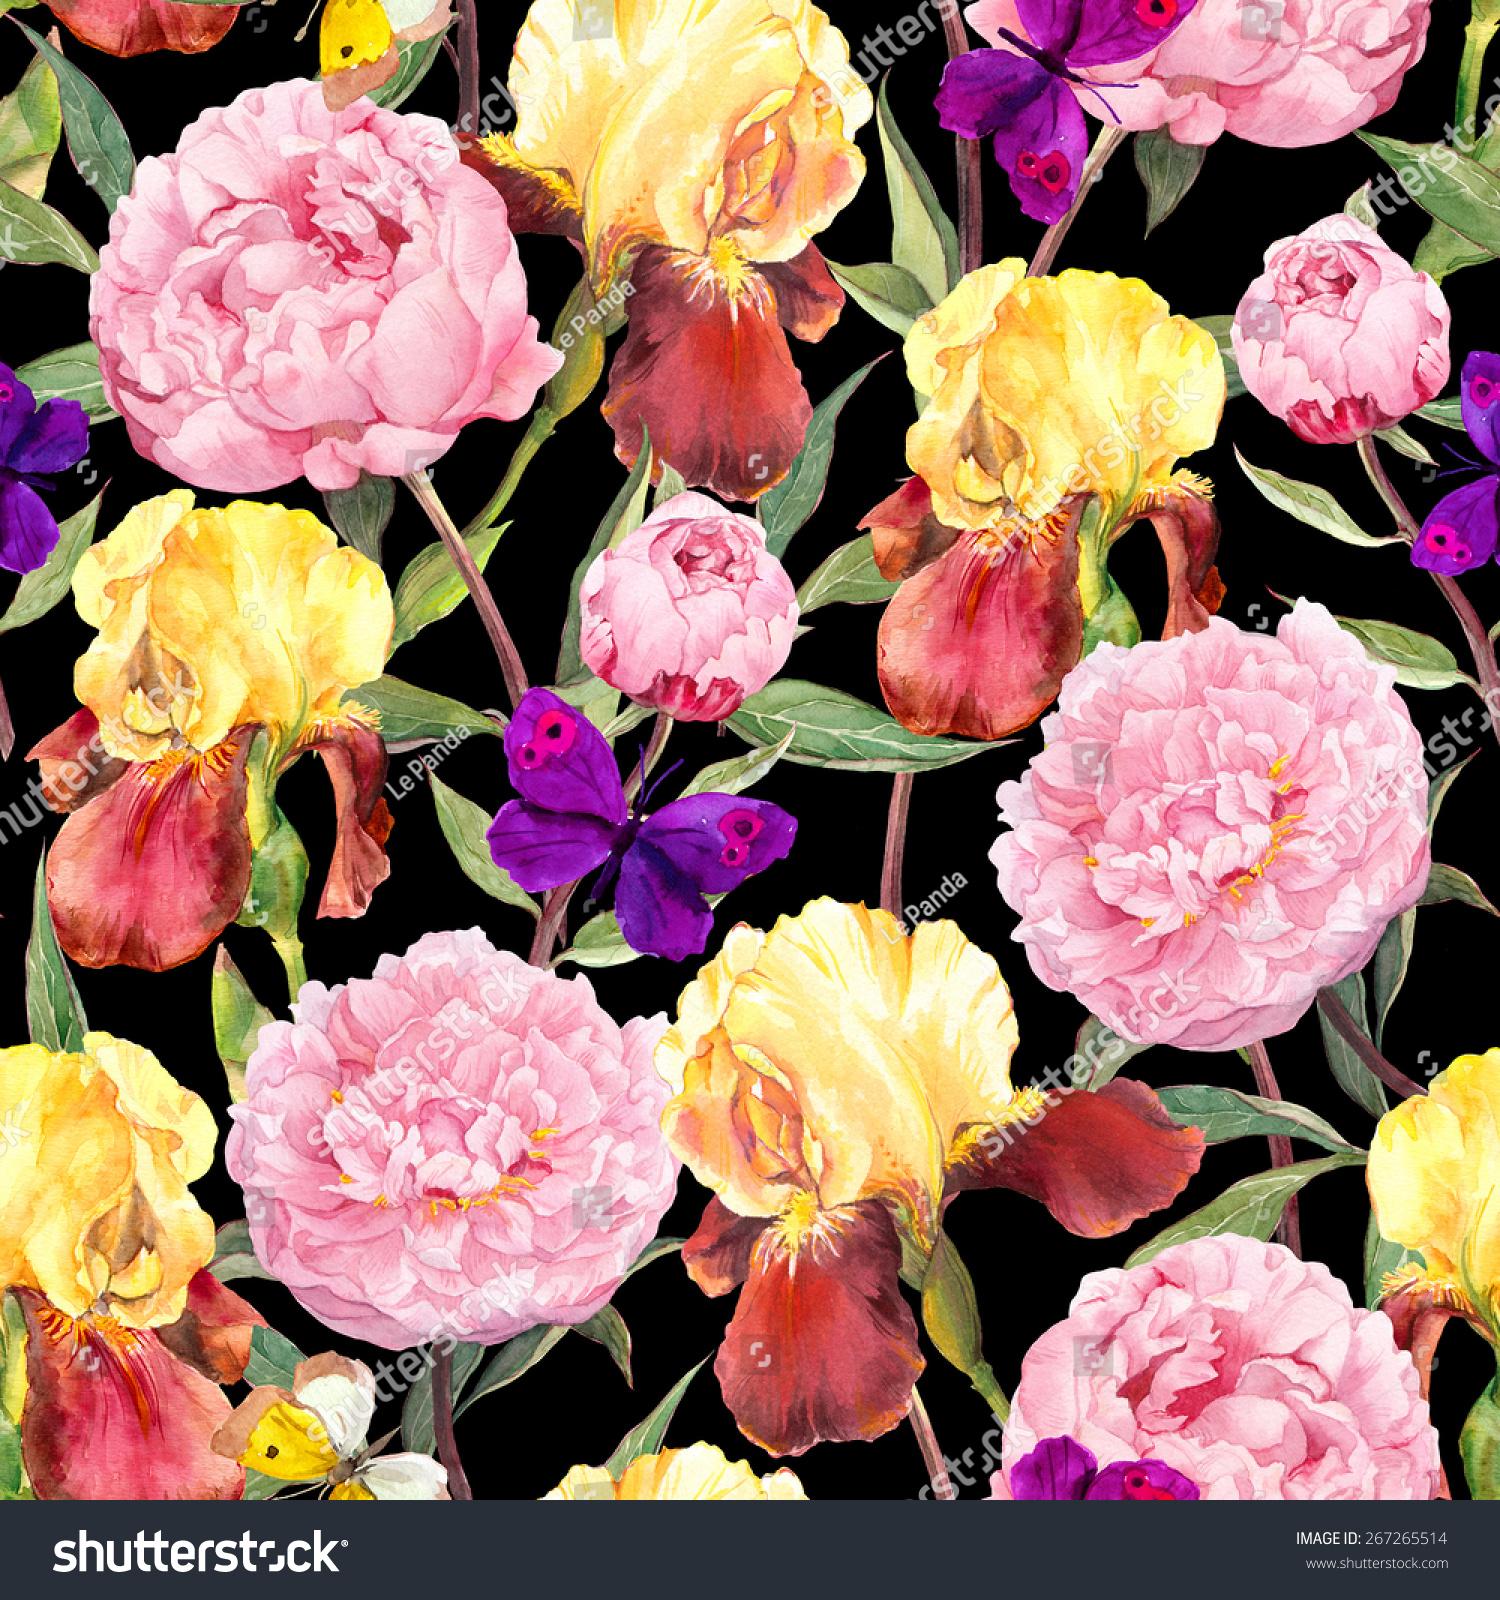 杯子花朵制作步骤